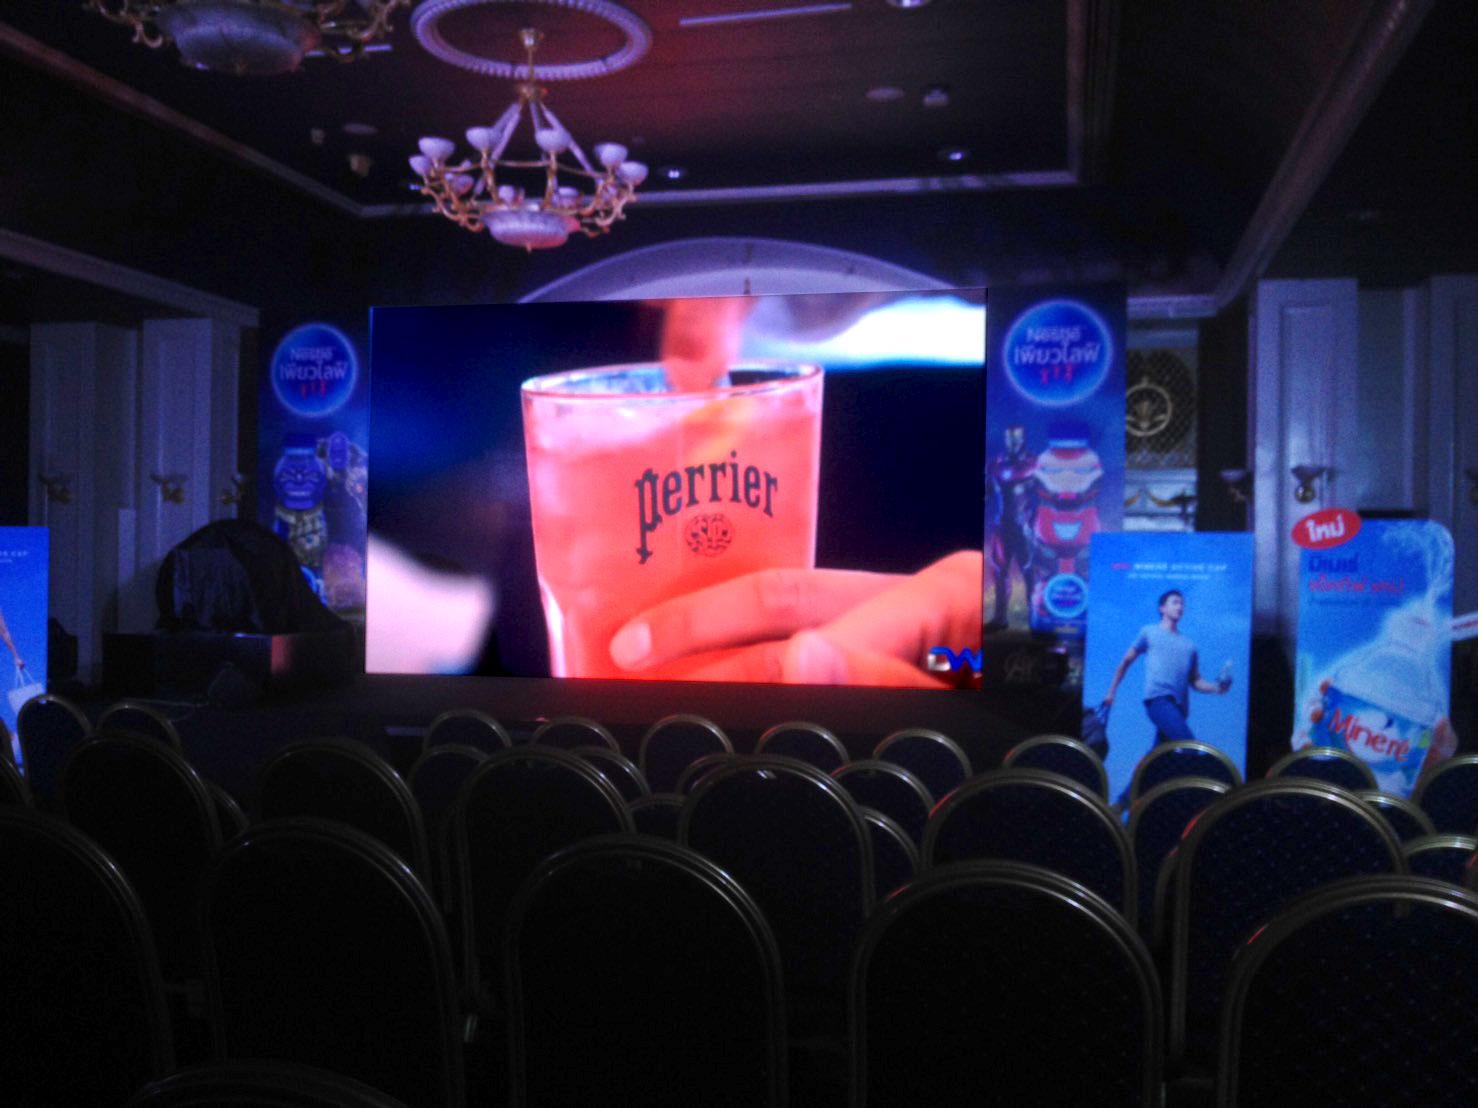 งานเช่าจอ LED - Nestle Pure Life <Impact เมืองทอง>